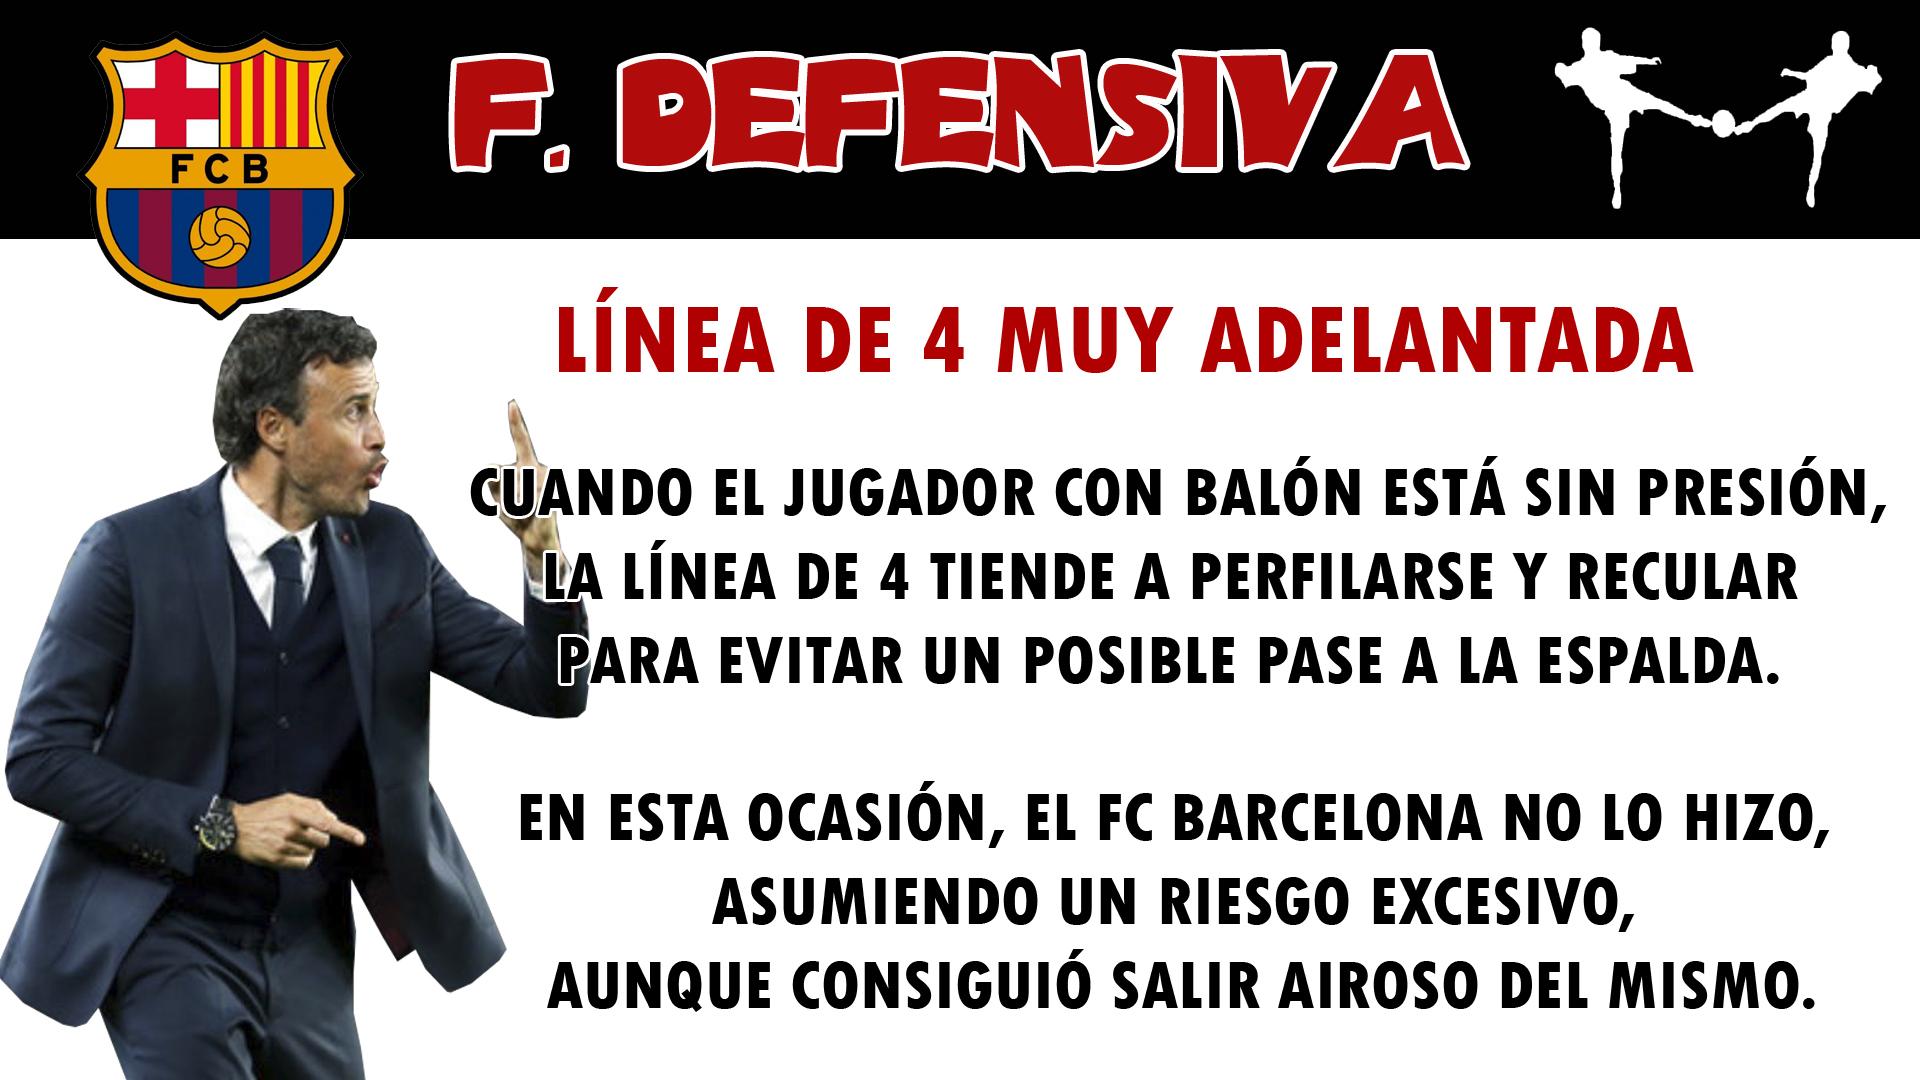 futbolcarrasco analisis tactico manchester city guardiola fc barcelona champions luis enrique